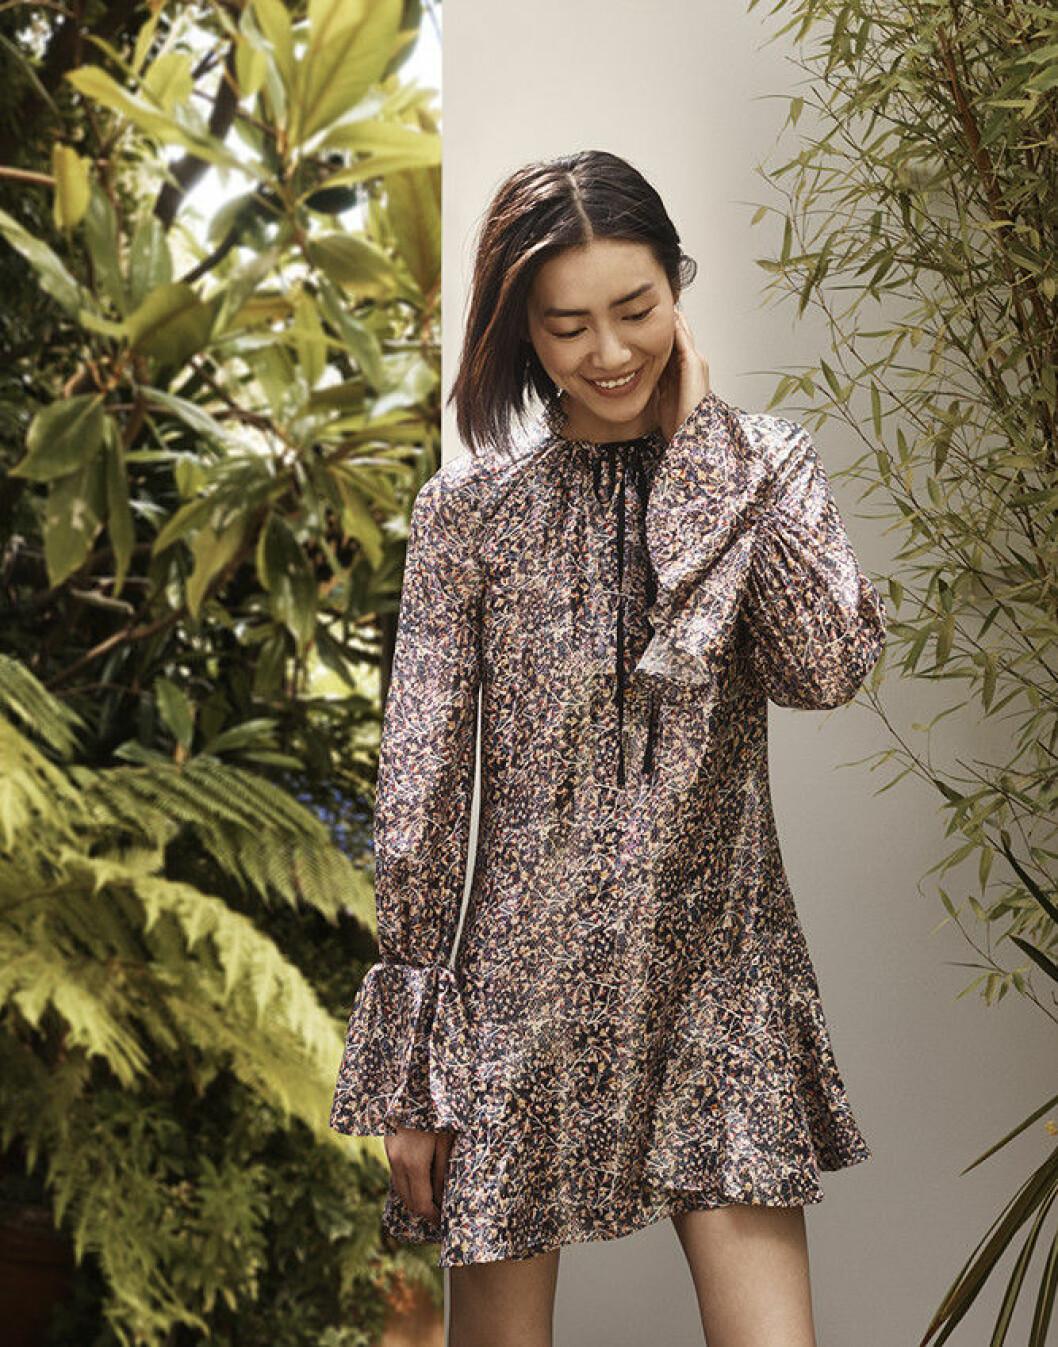 H&M Conscious Exclusive-kollektionen för höst/vinter 2018